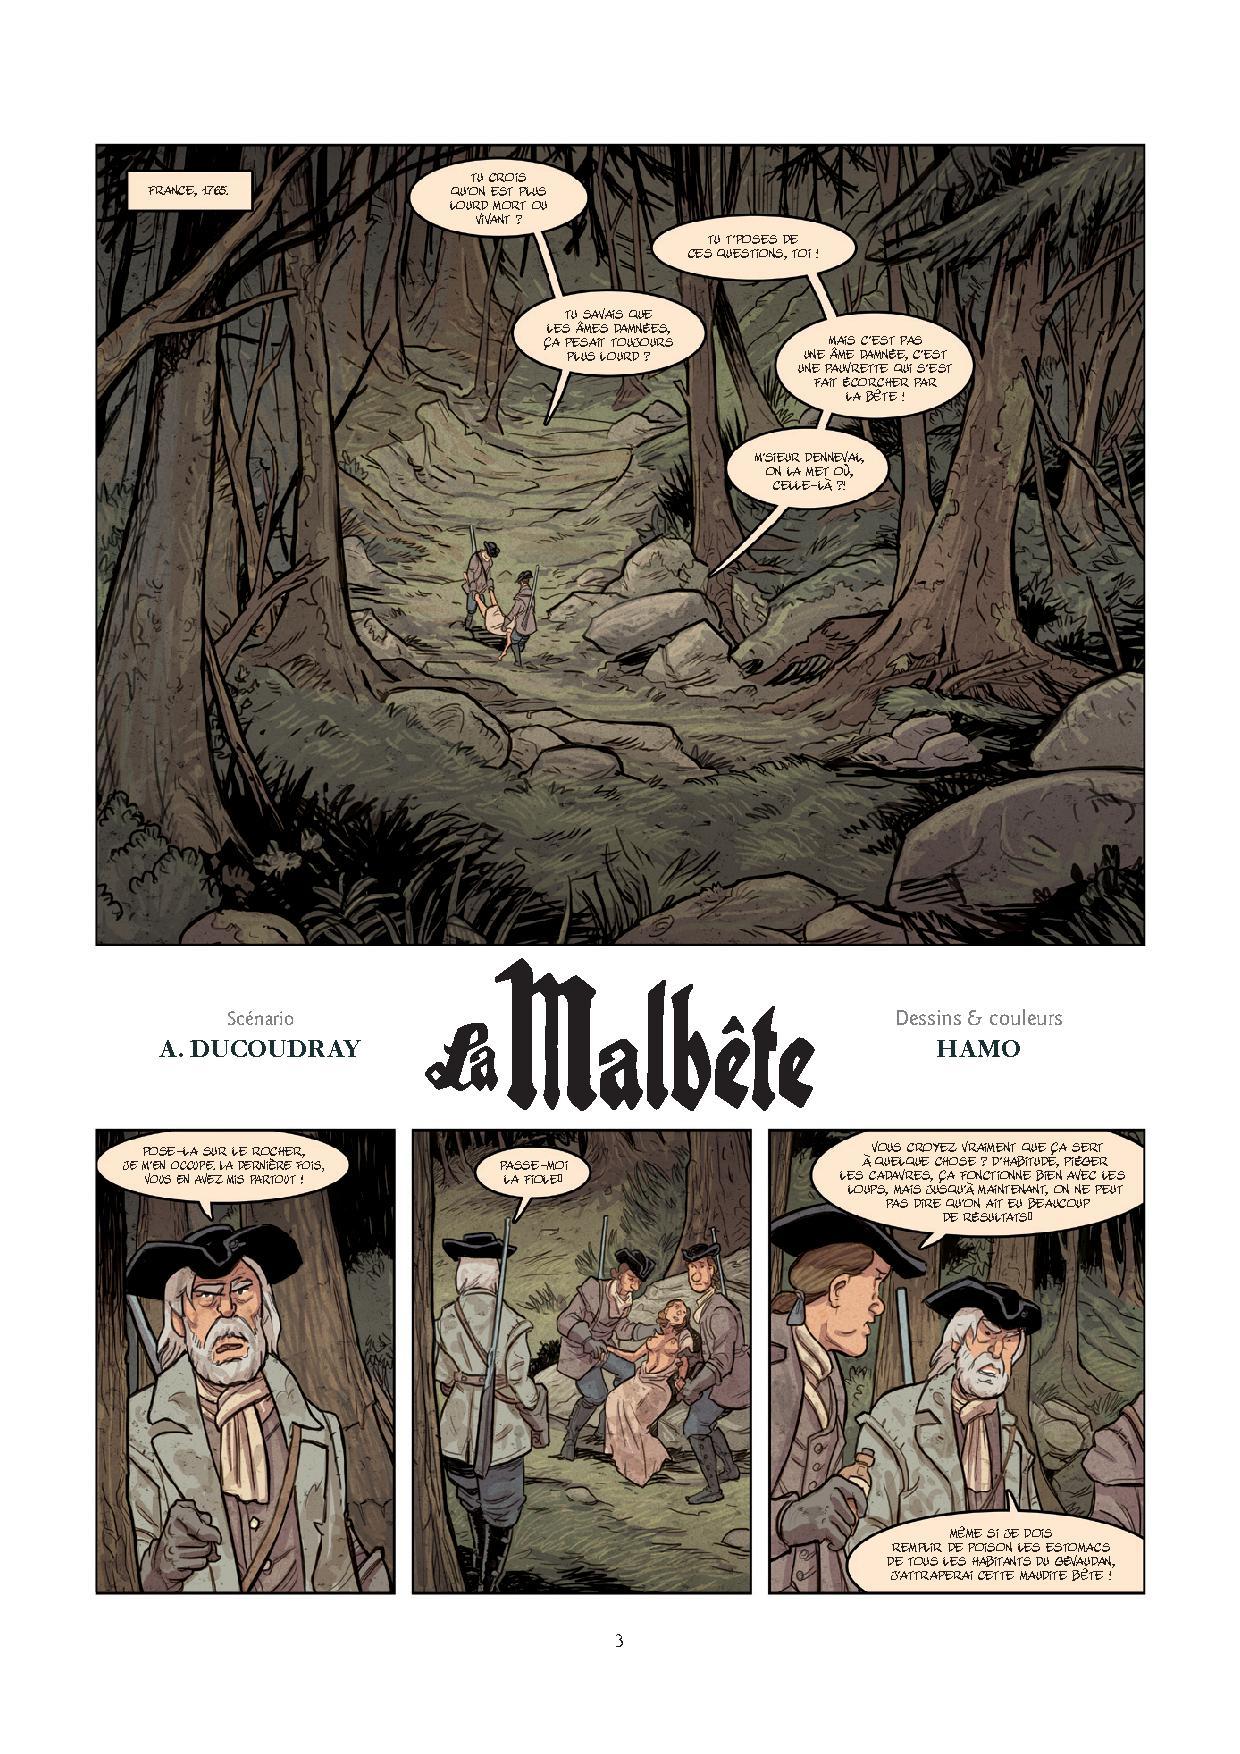 Malbête, planche du tome 1 © Bamboo / Hamo / Ducoudray